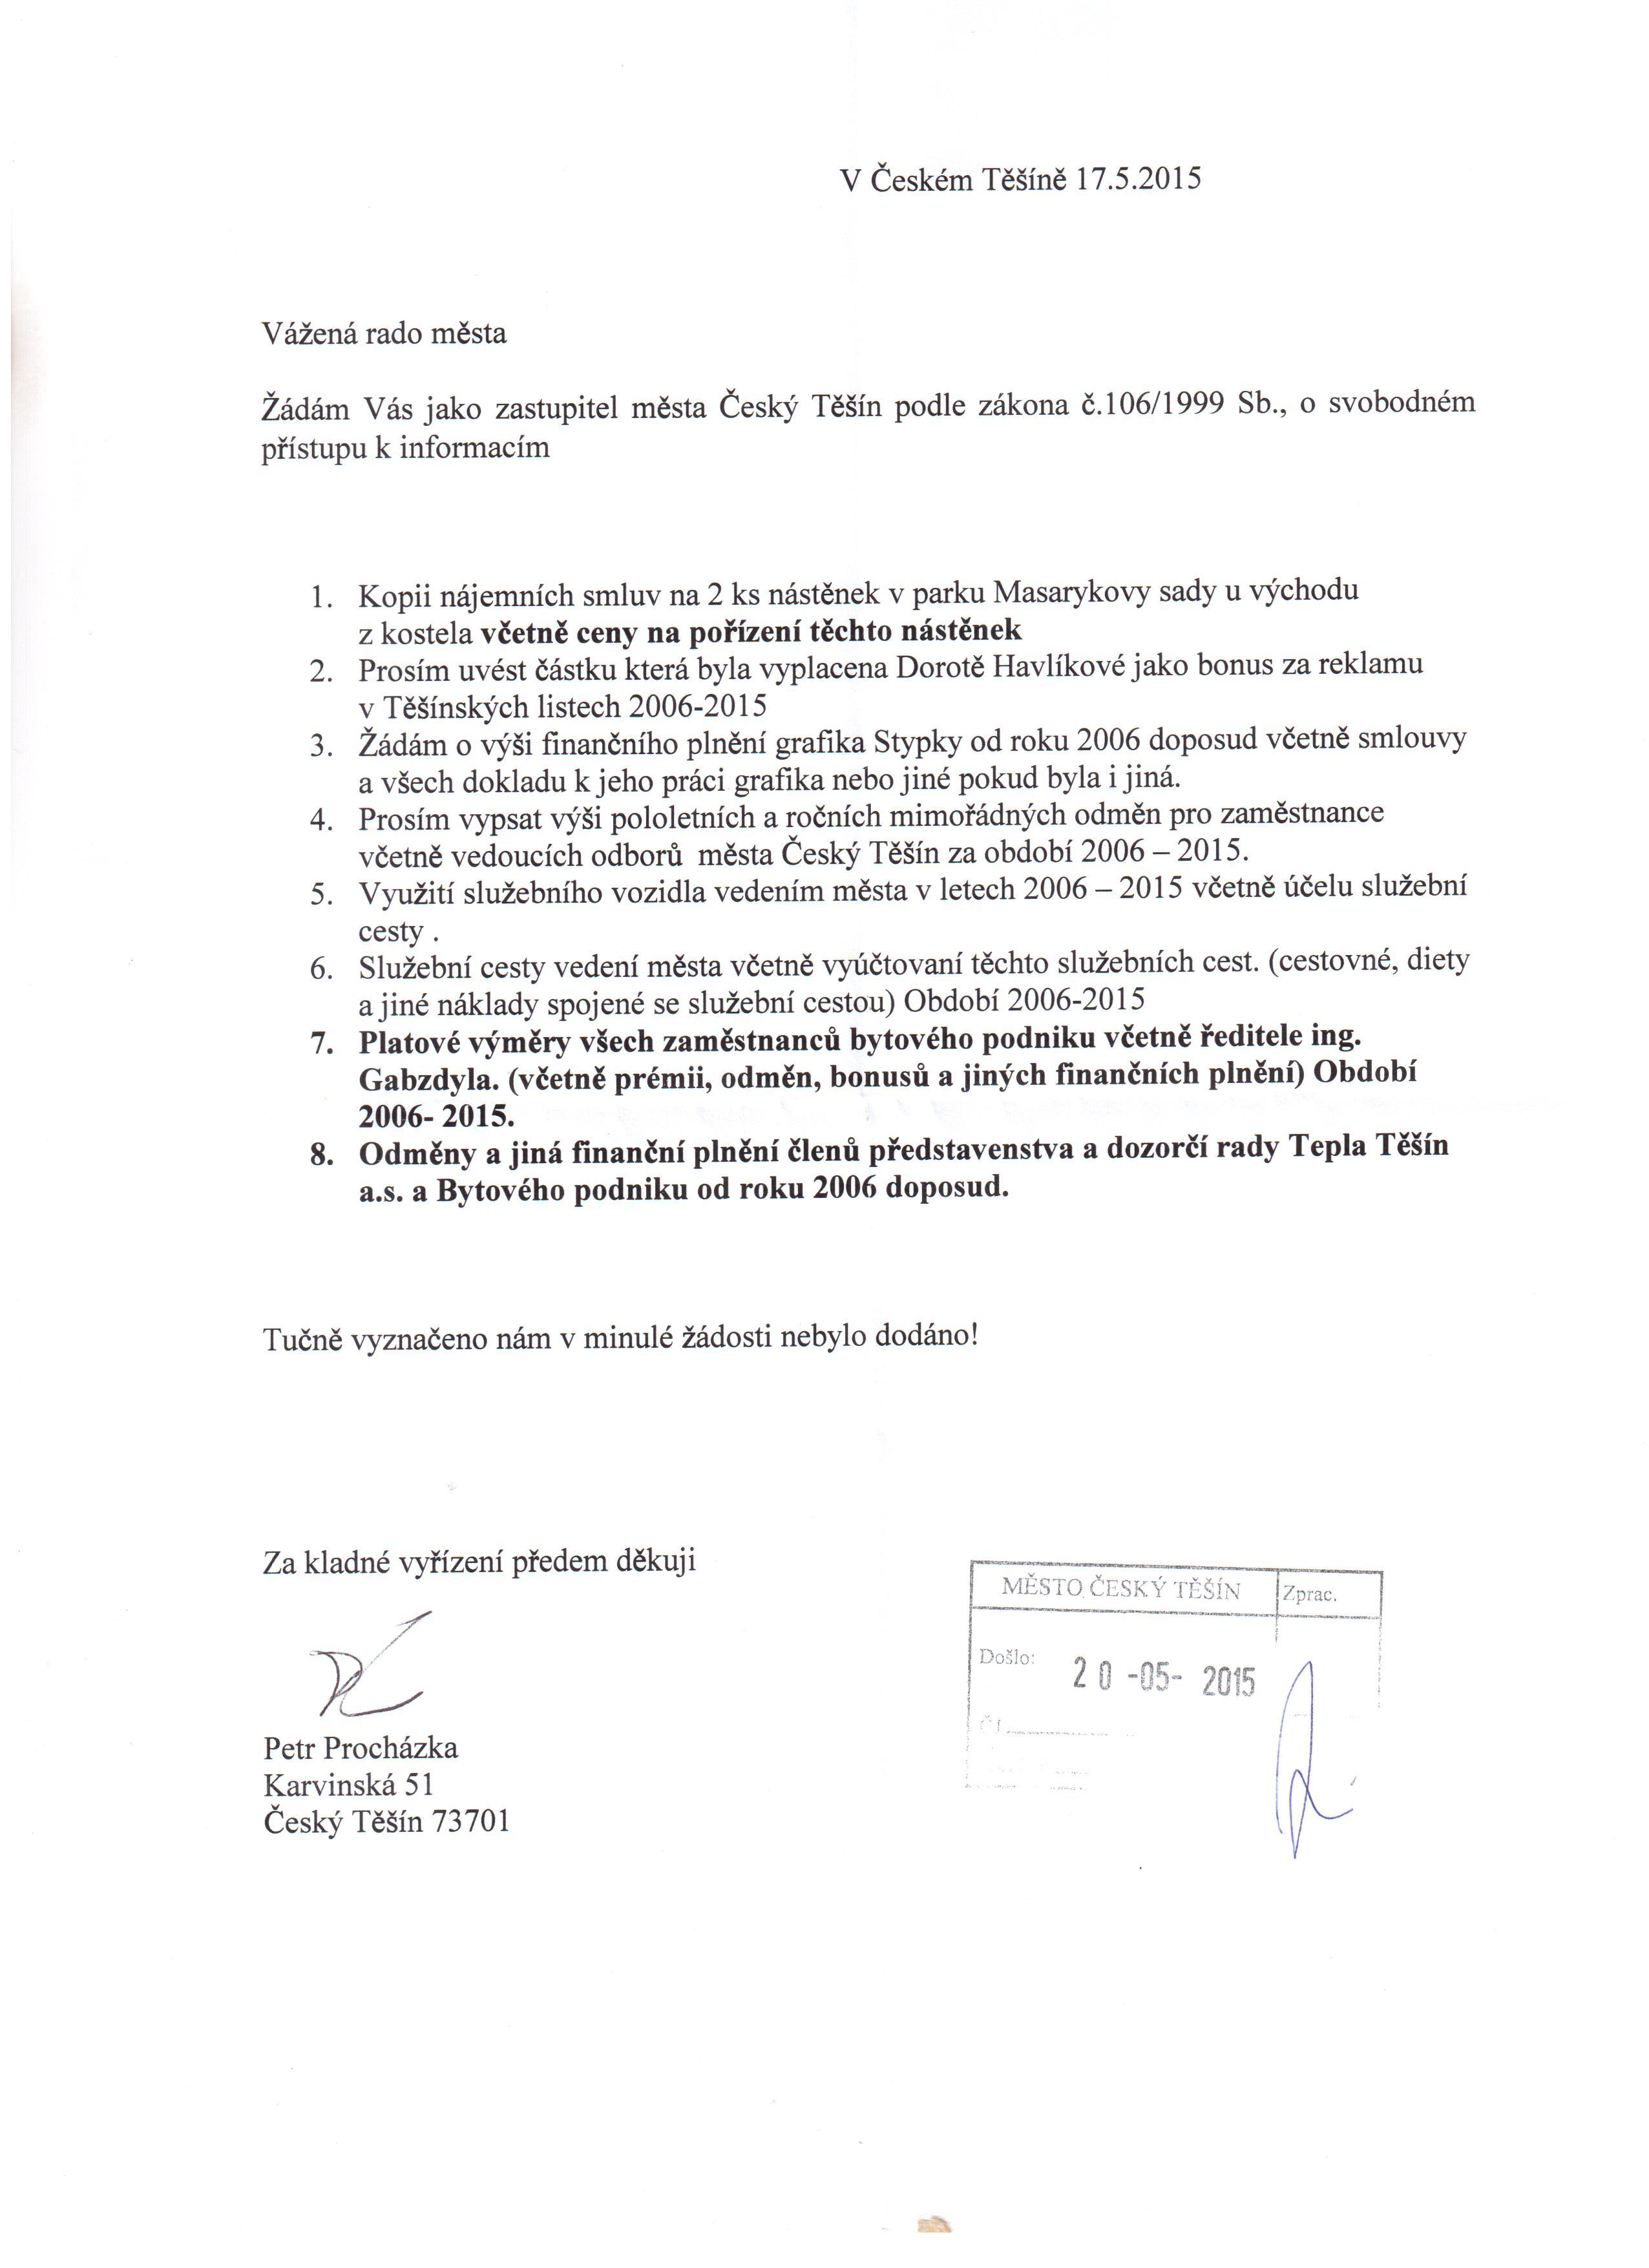 dotazy-17-5-2015-001.jpg